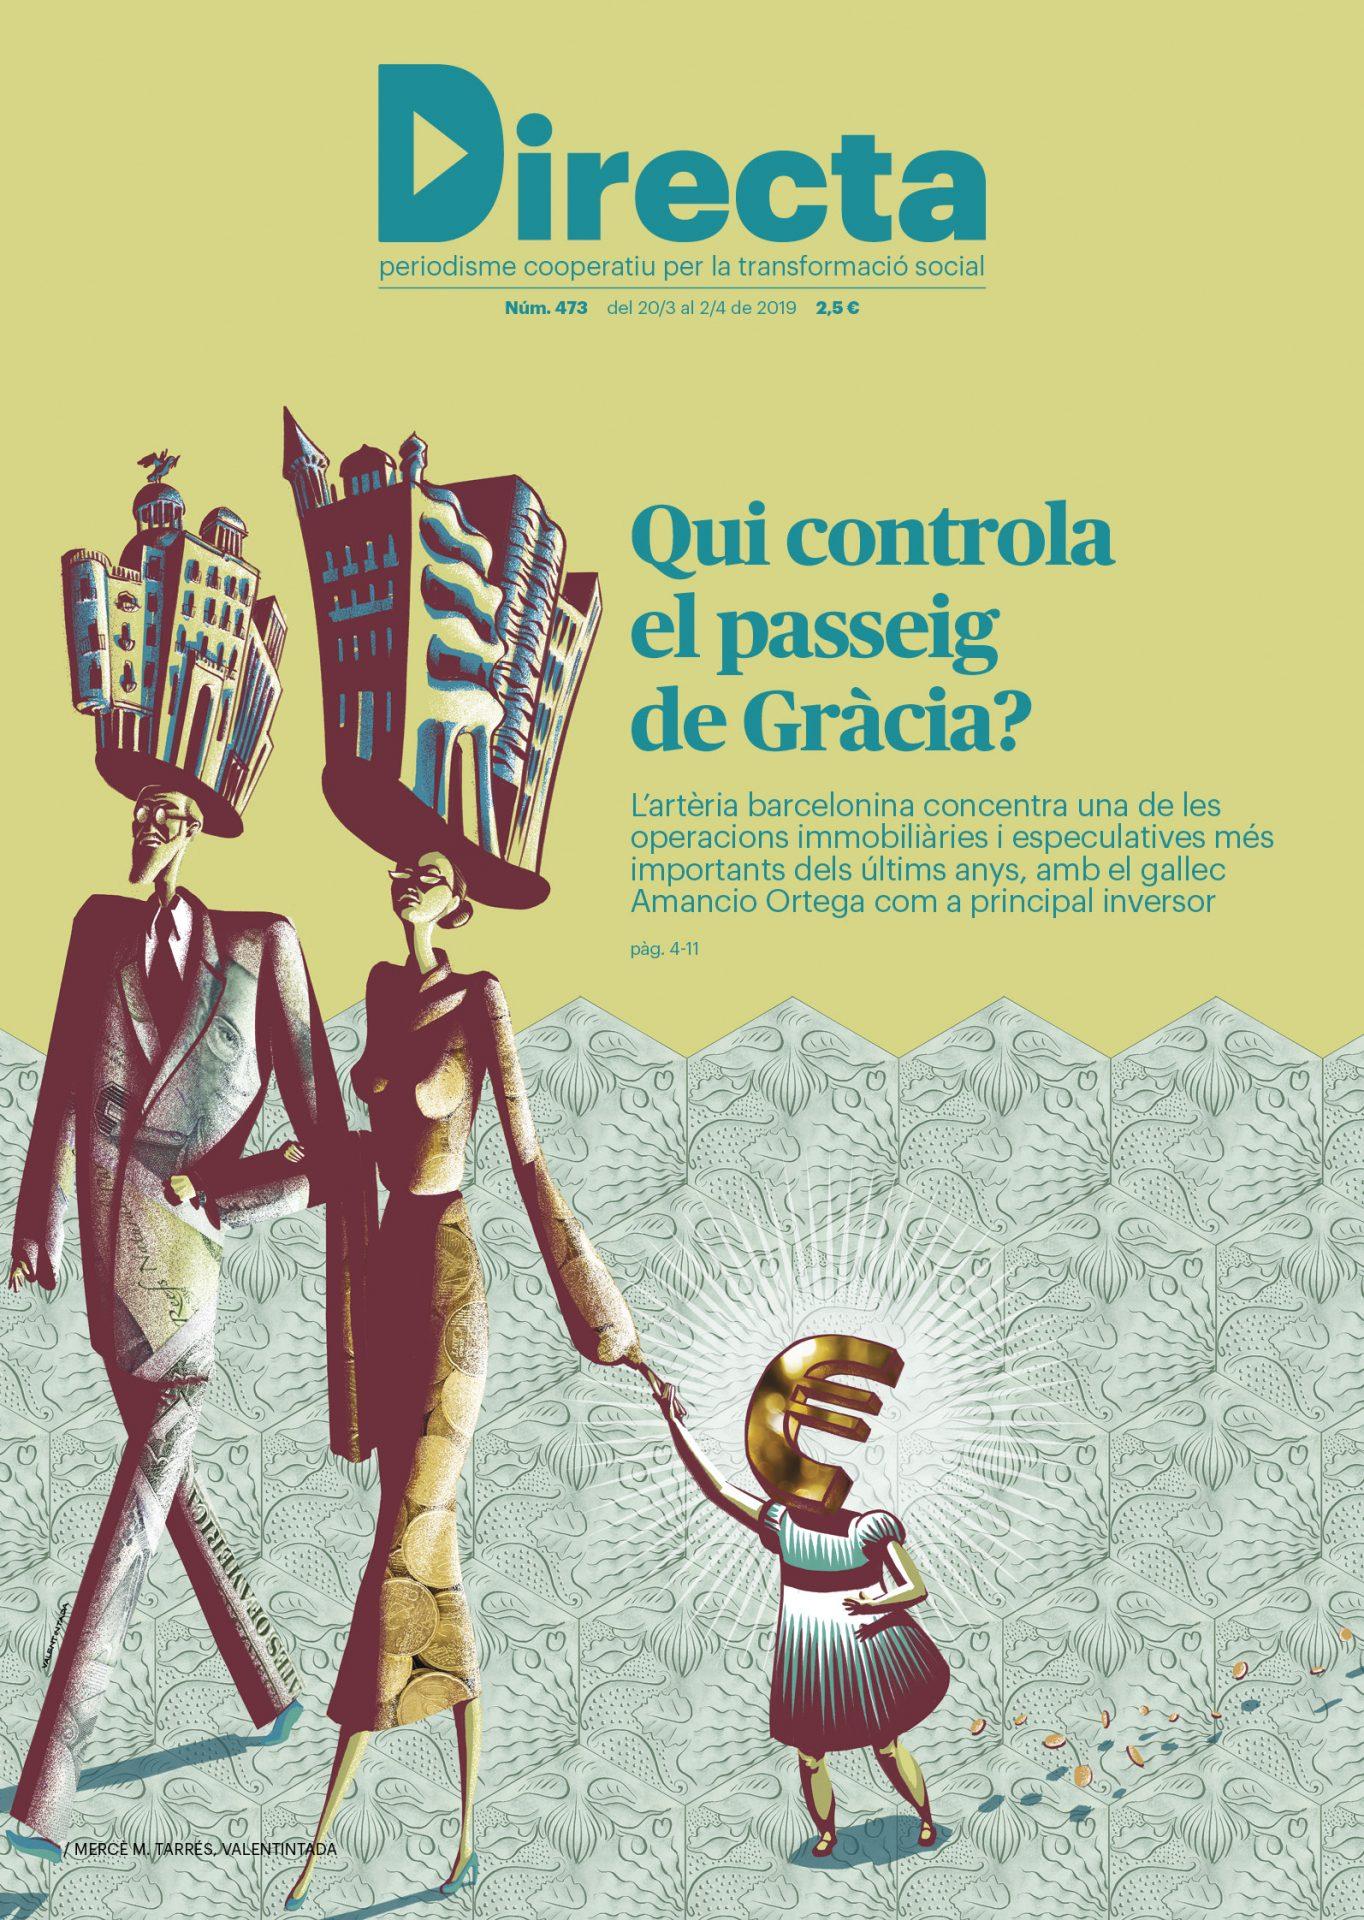 """Il.lustració per a la portada de la Directa 473, que inclou un reportatge """"A Fons"""" sobre el Passeig de Gràcia"""